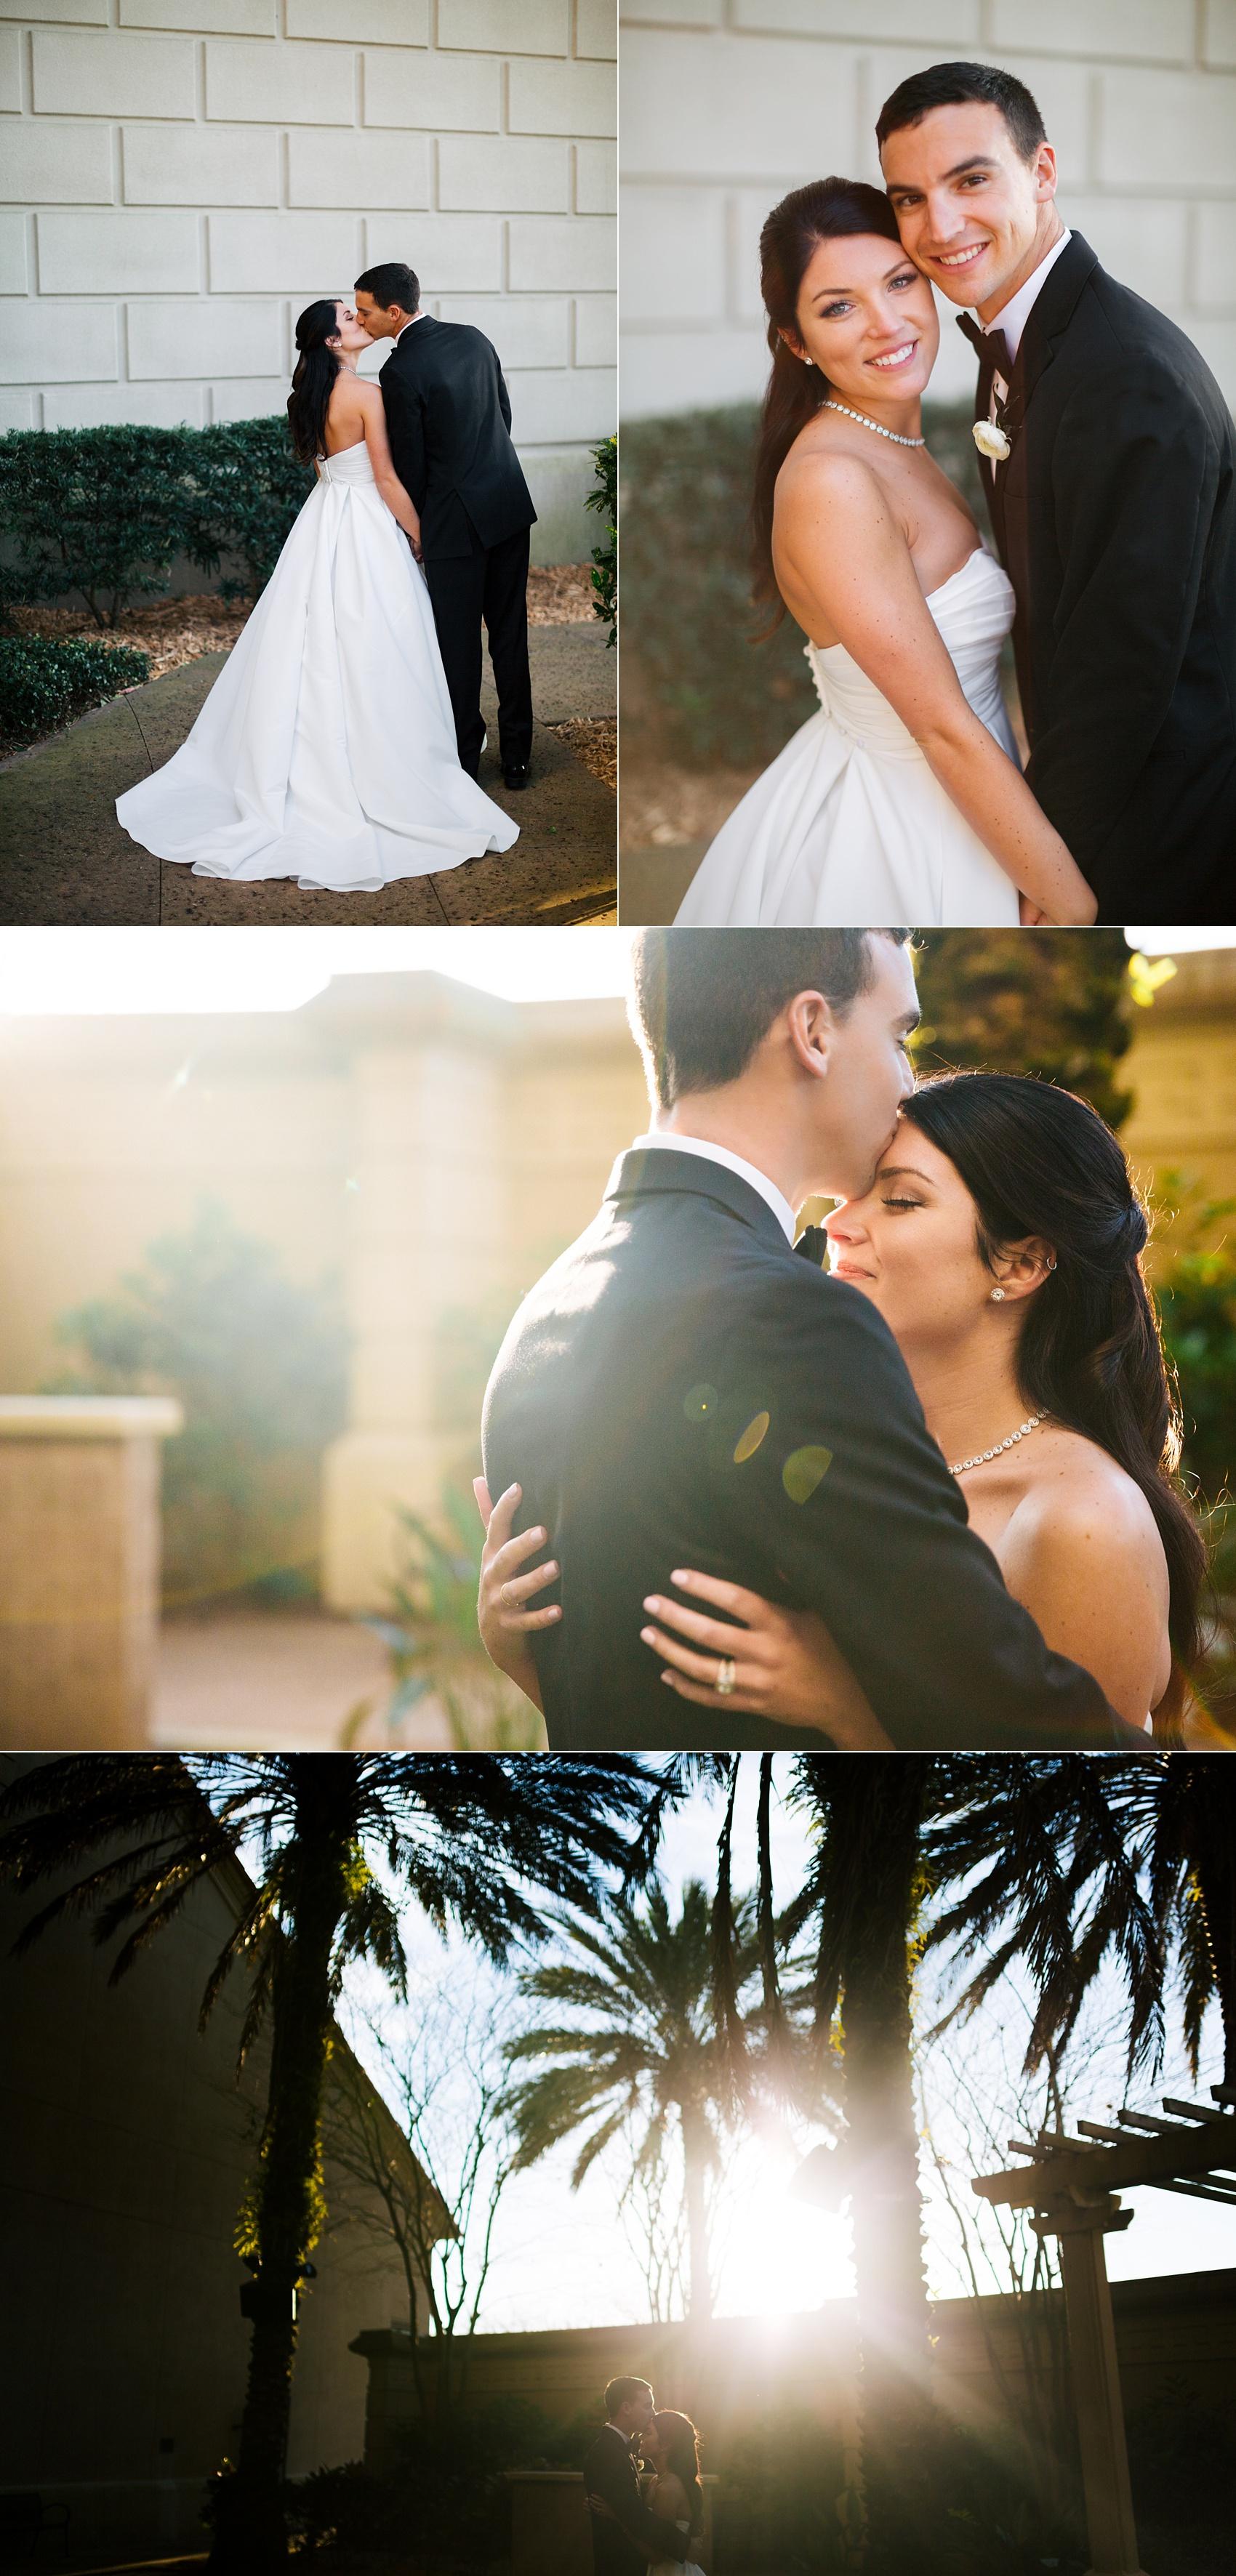 tampa wedding photographer luke haley-19